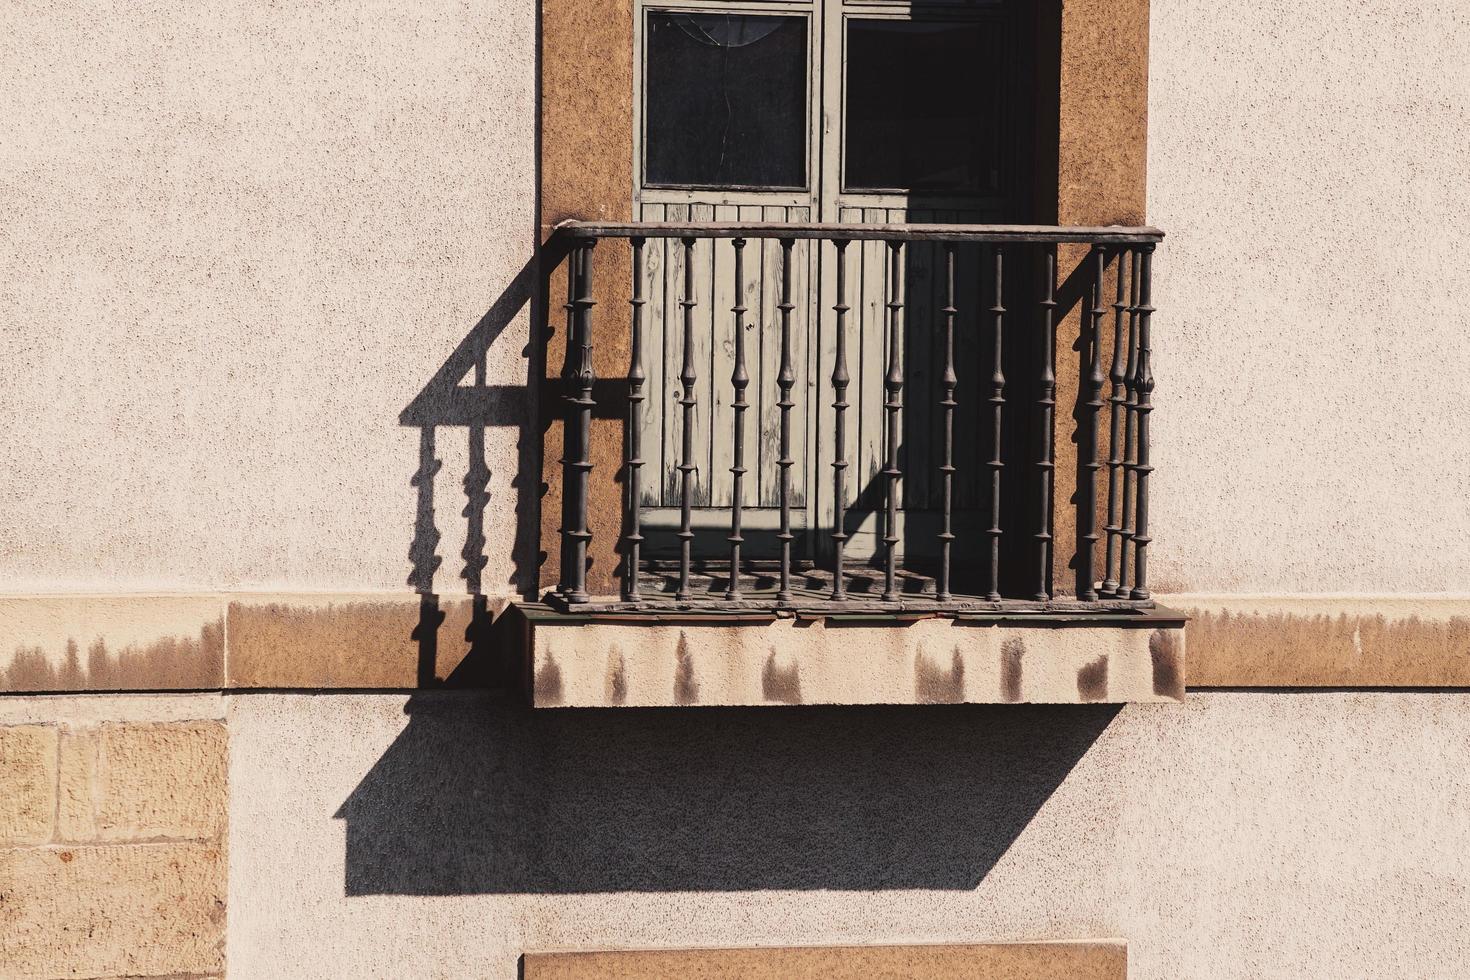 Balcon sur la façade de la maison, l'architecture dans la ville de Bilbao, Espagne photo